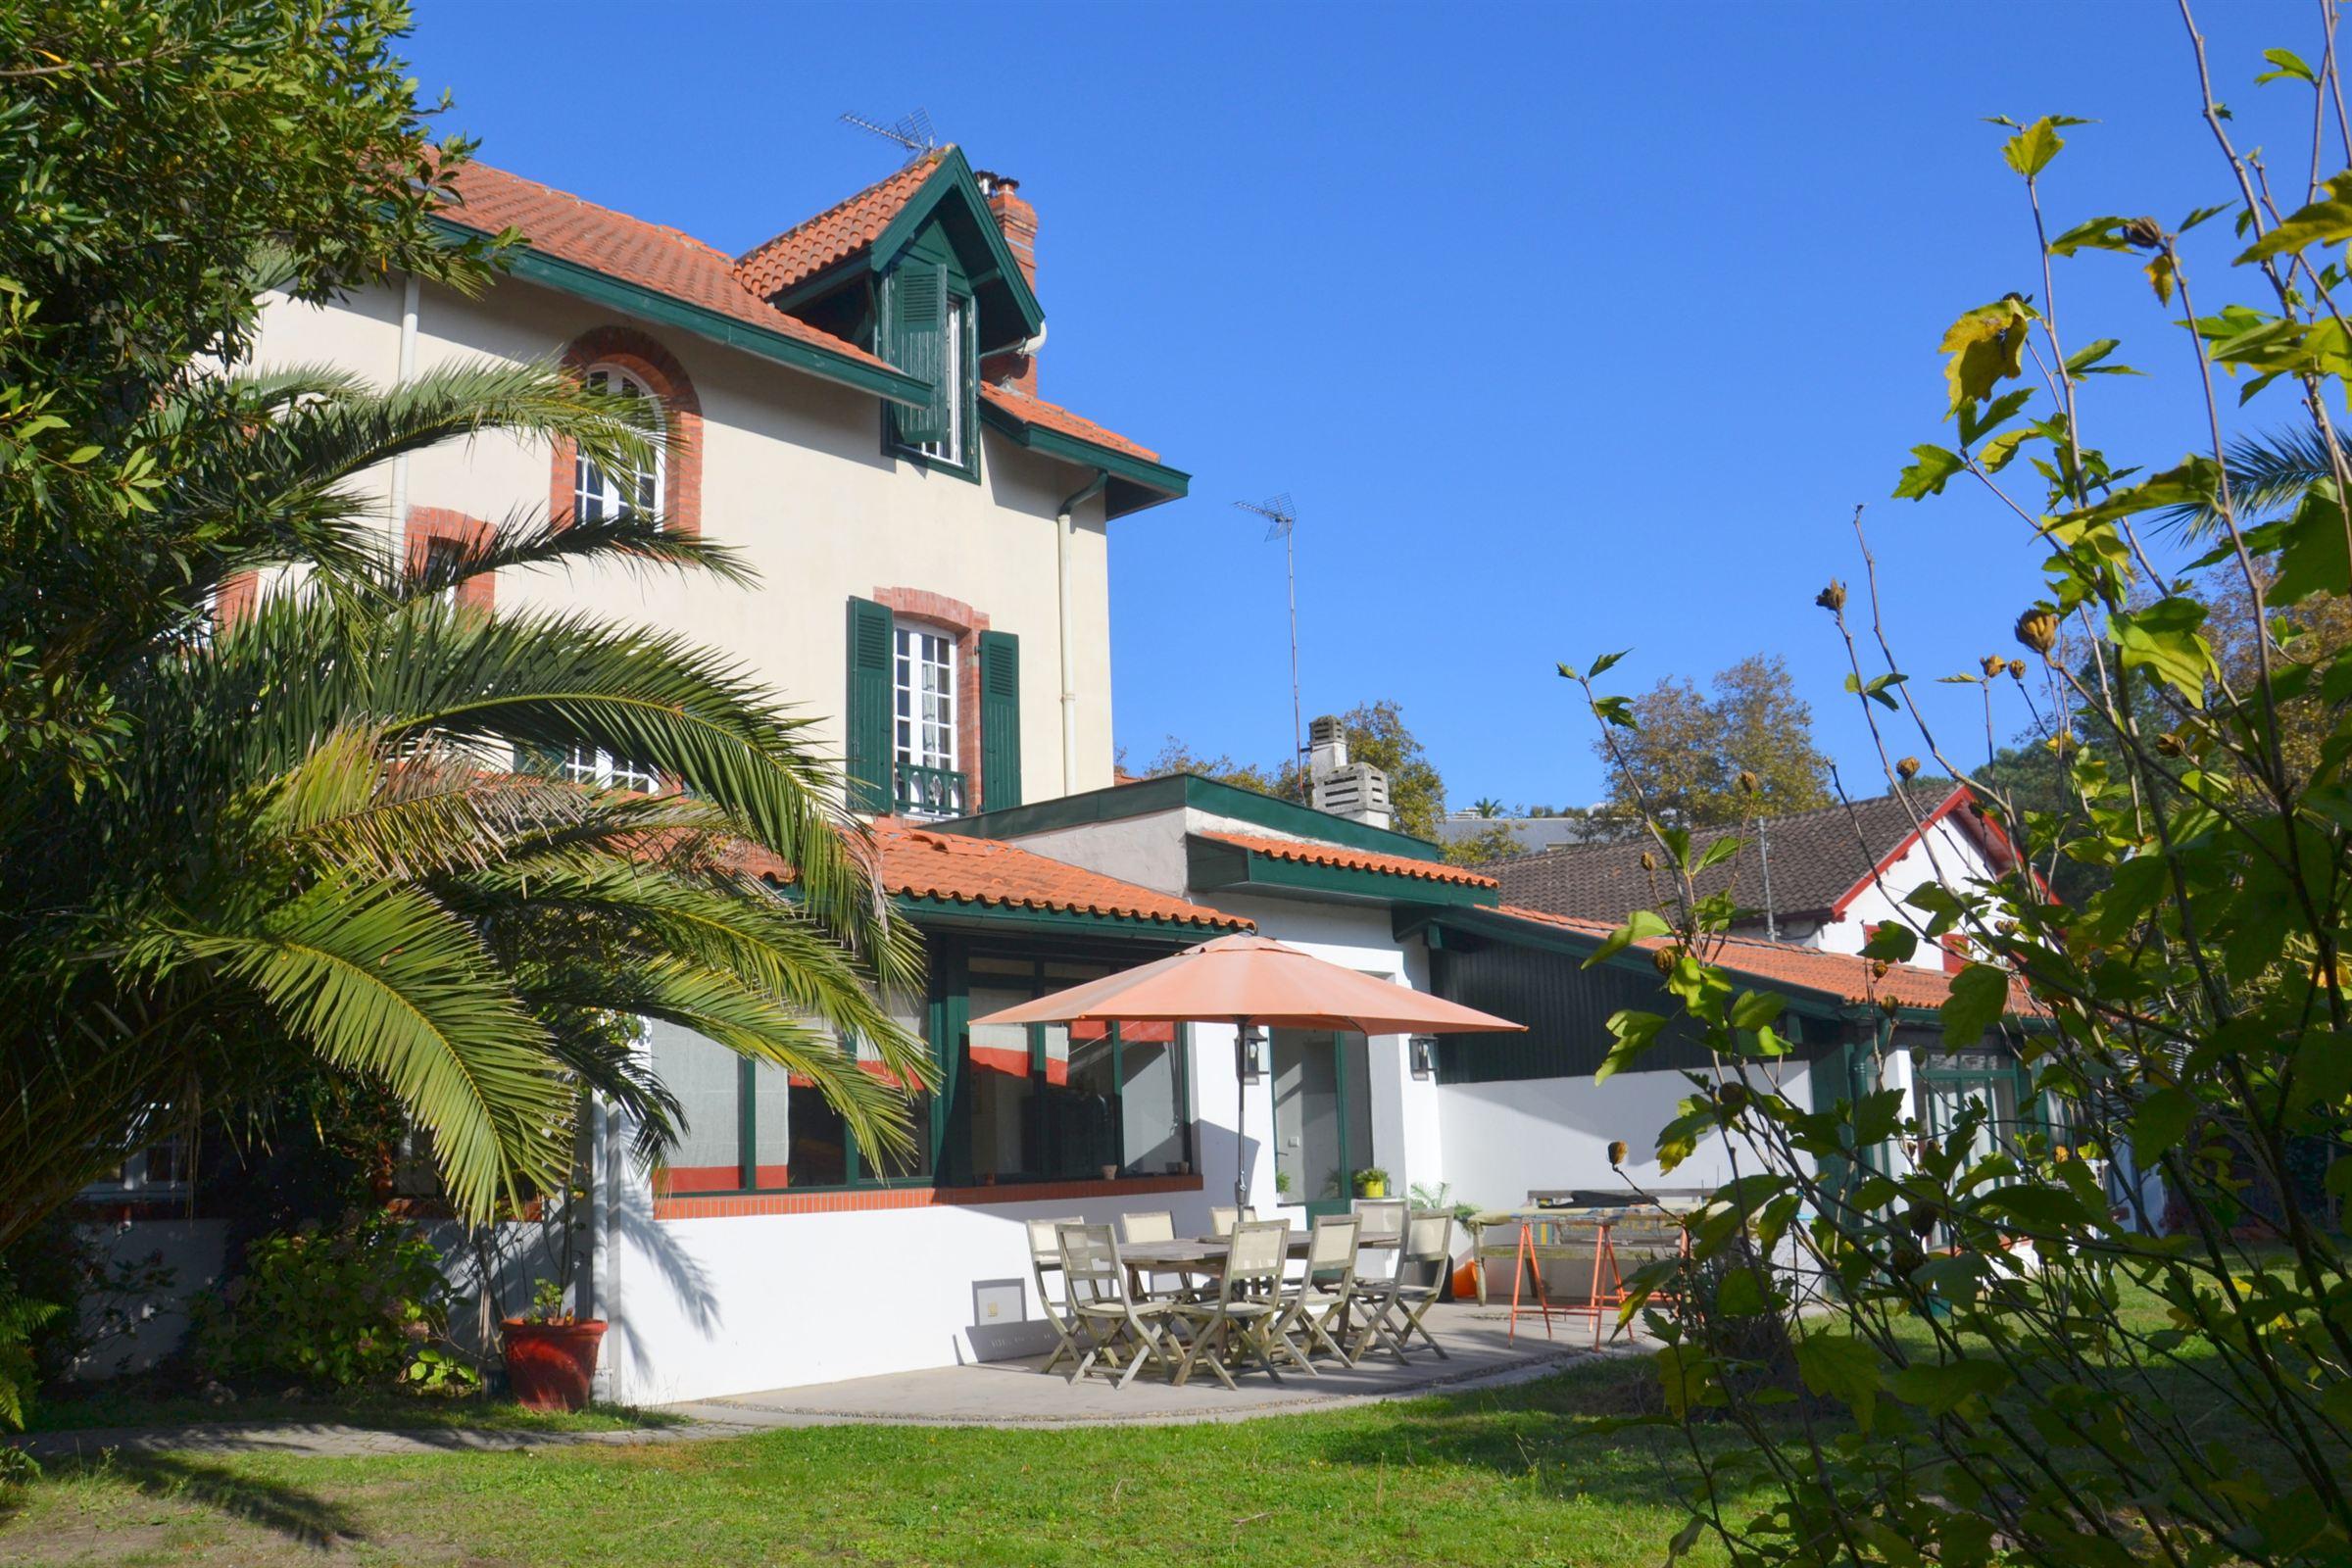 Maison unifamiliale pour l Vente à BIARRITZ ST CHARLES Biarritz, Aquitaine, 64200 France